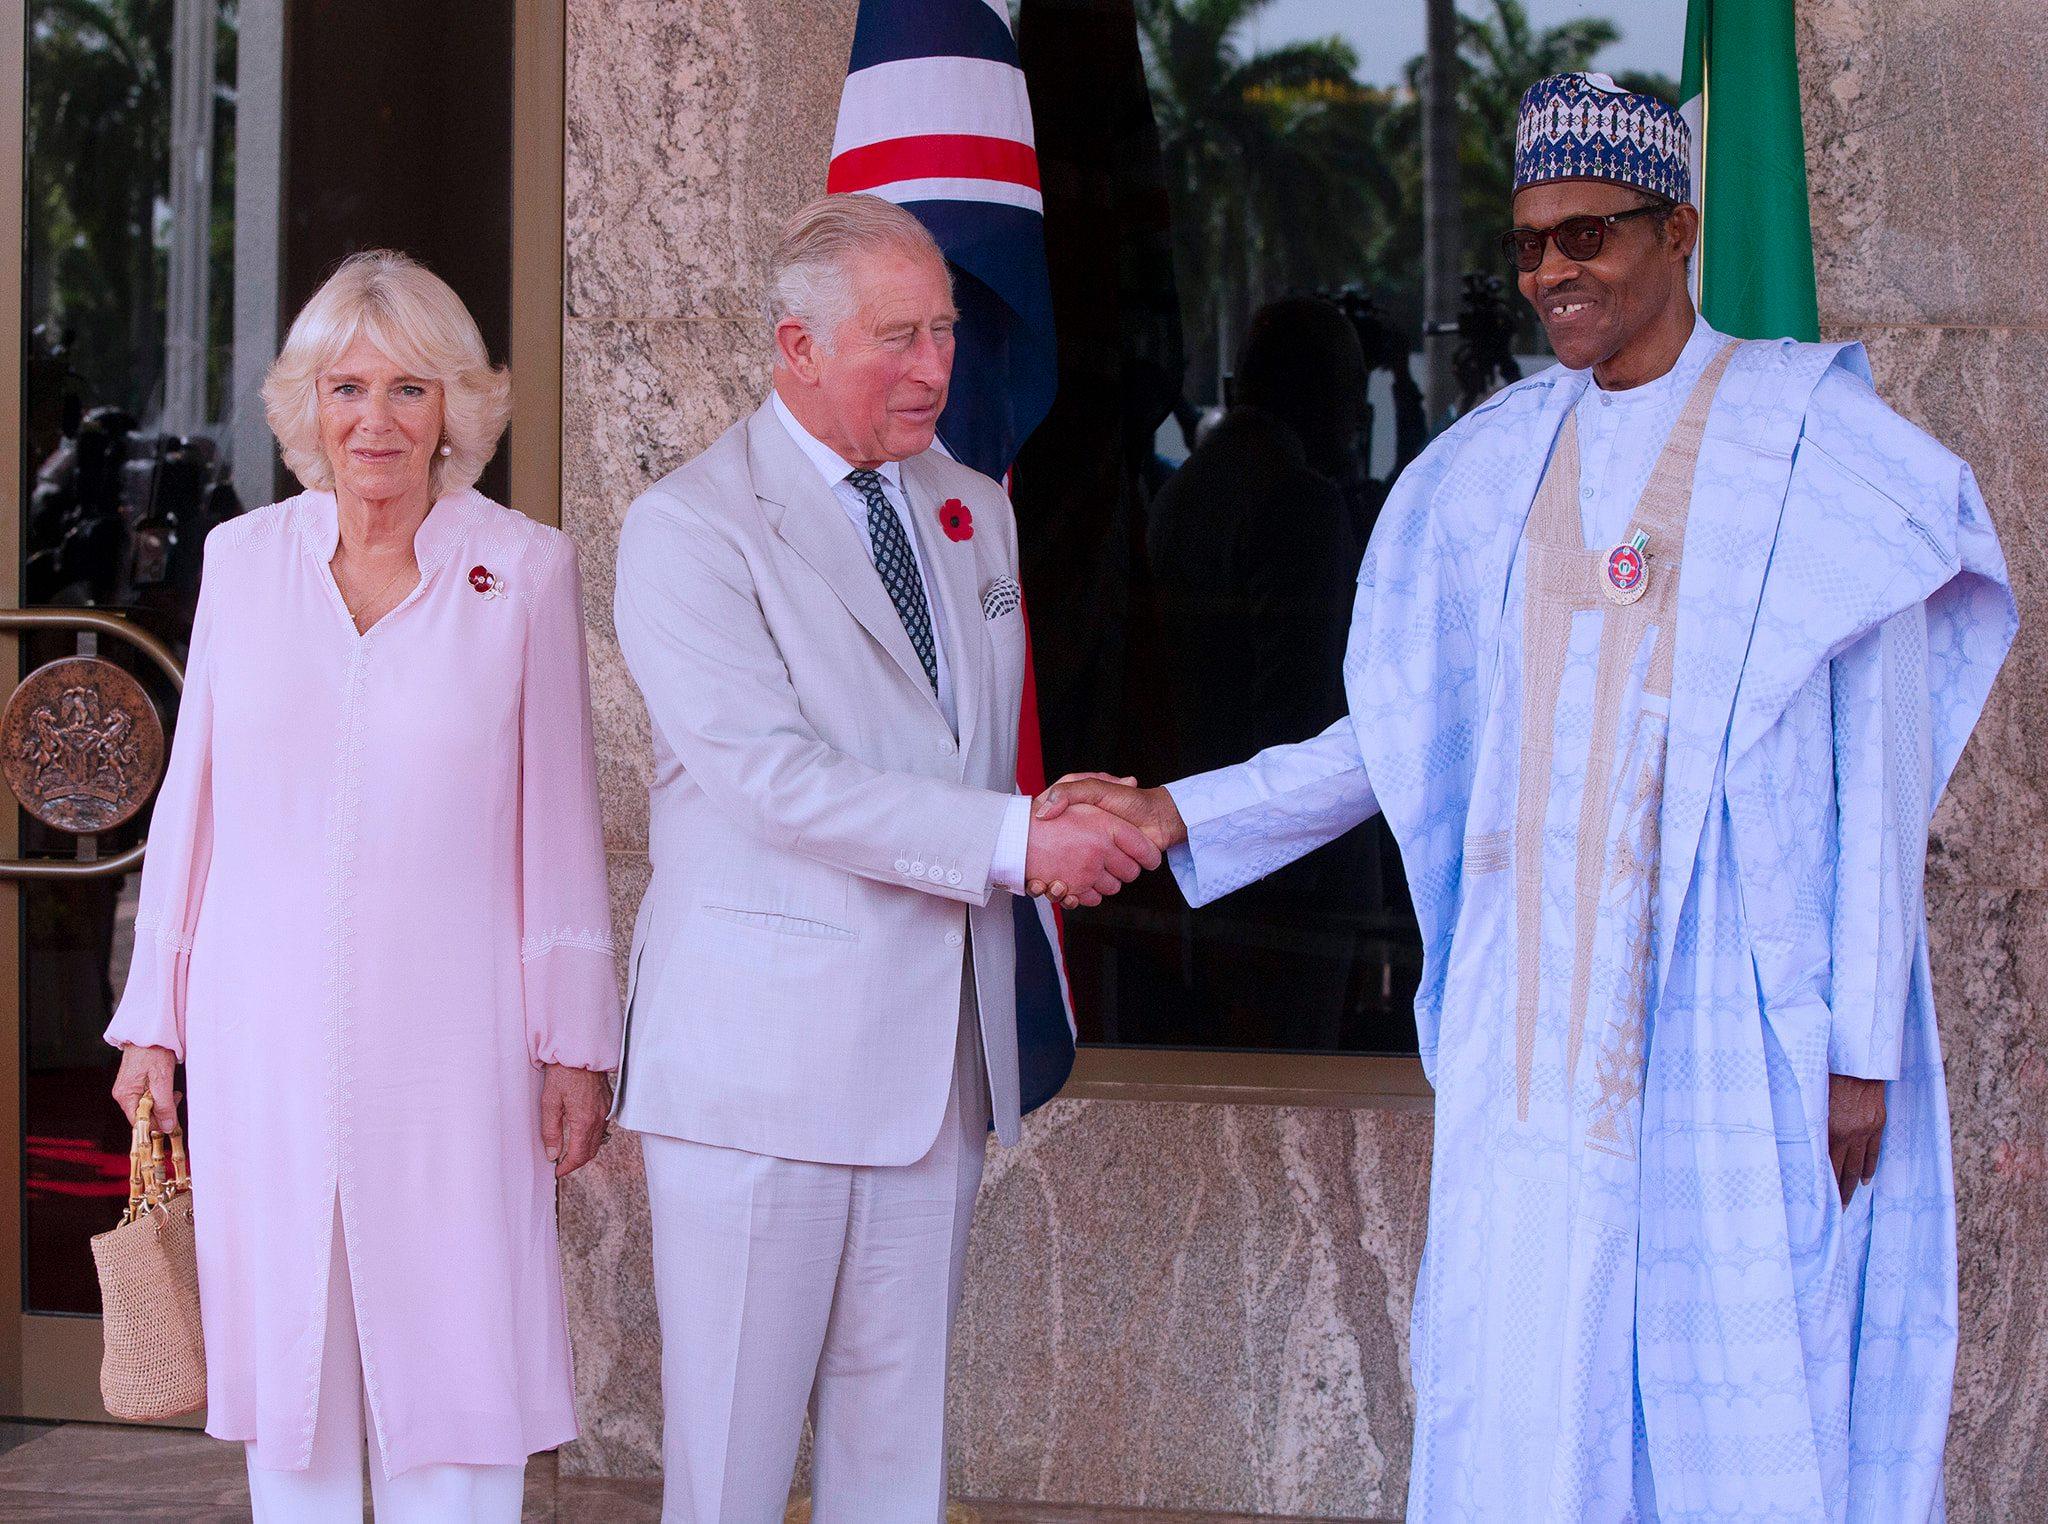 'Caution Buhari over 2019 Polls' – PDP to Prince Charles